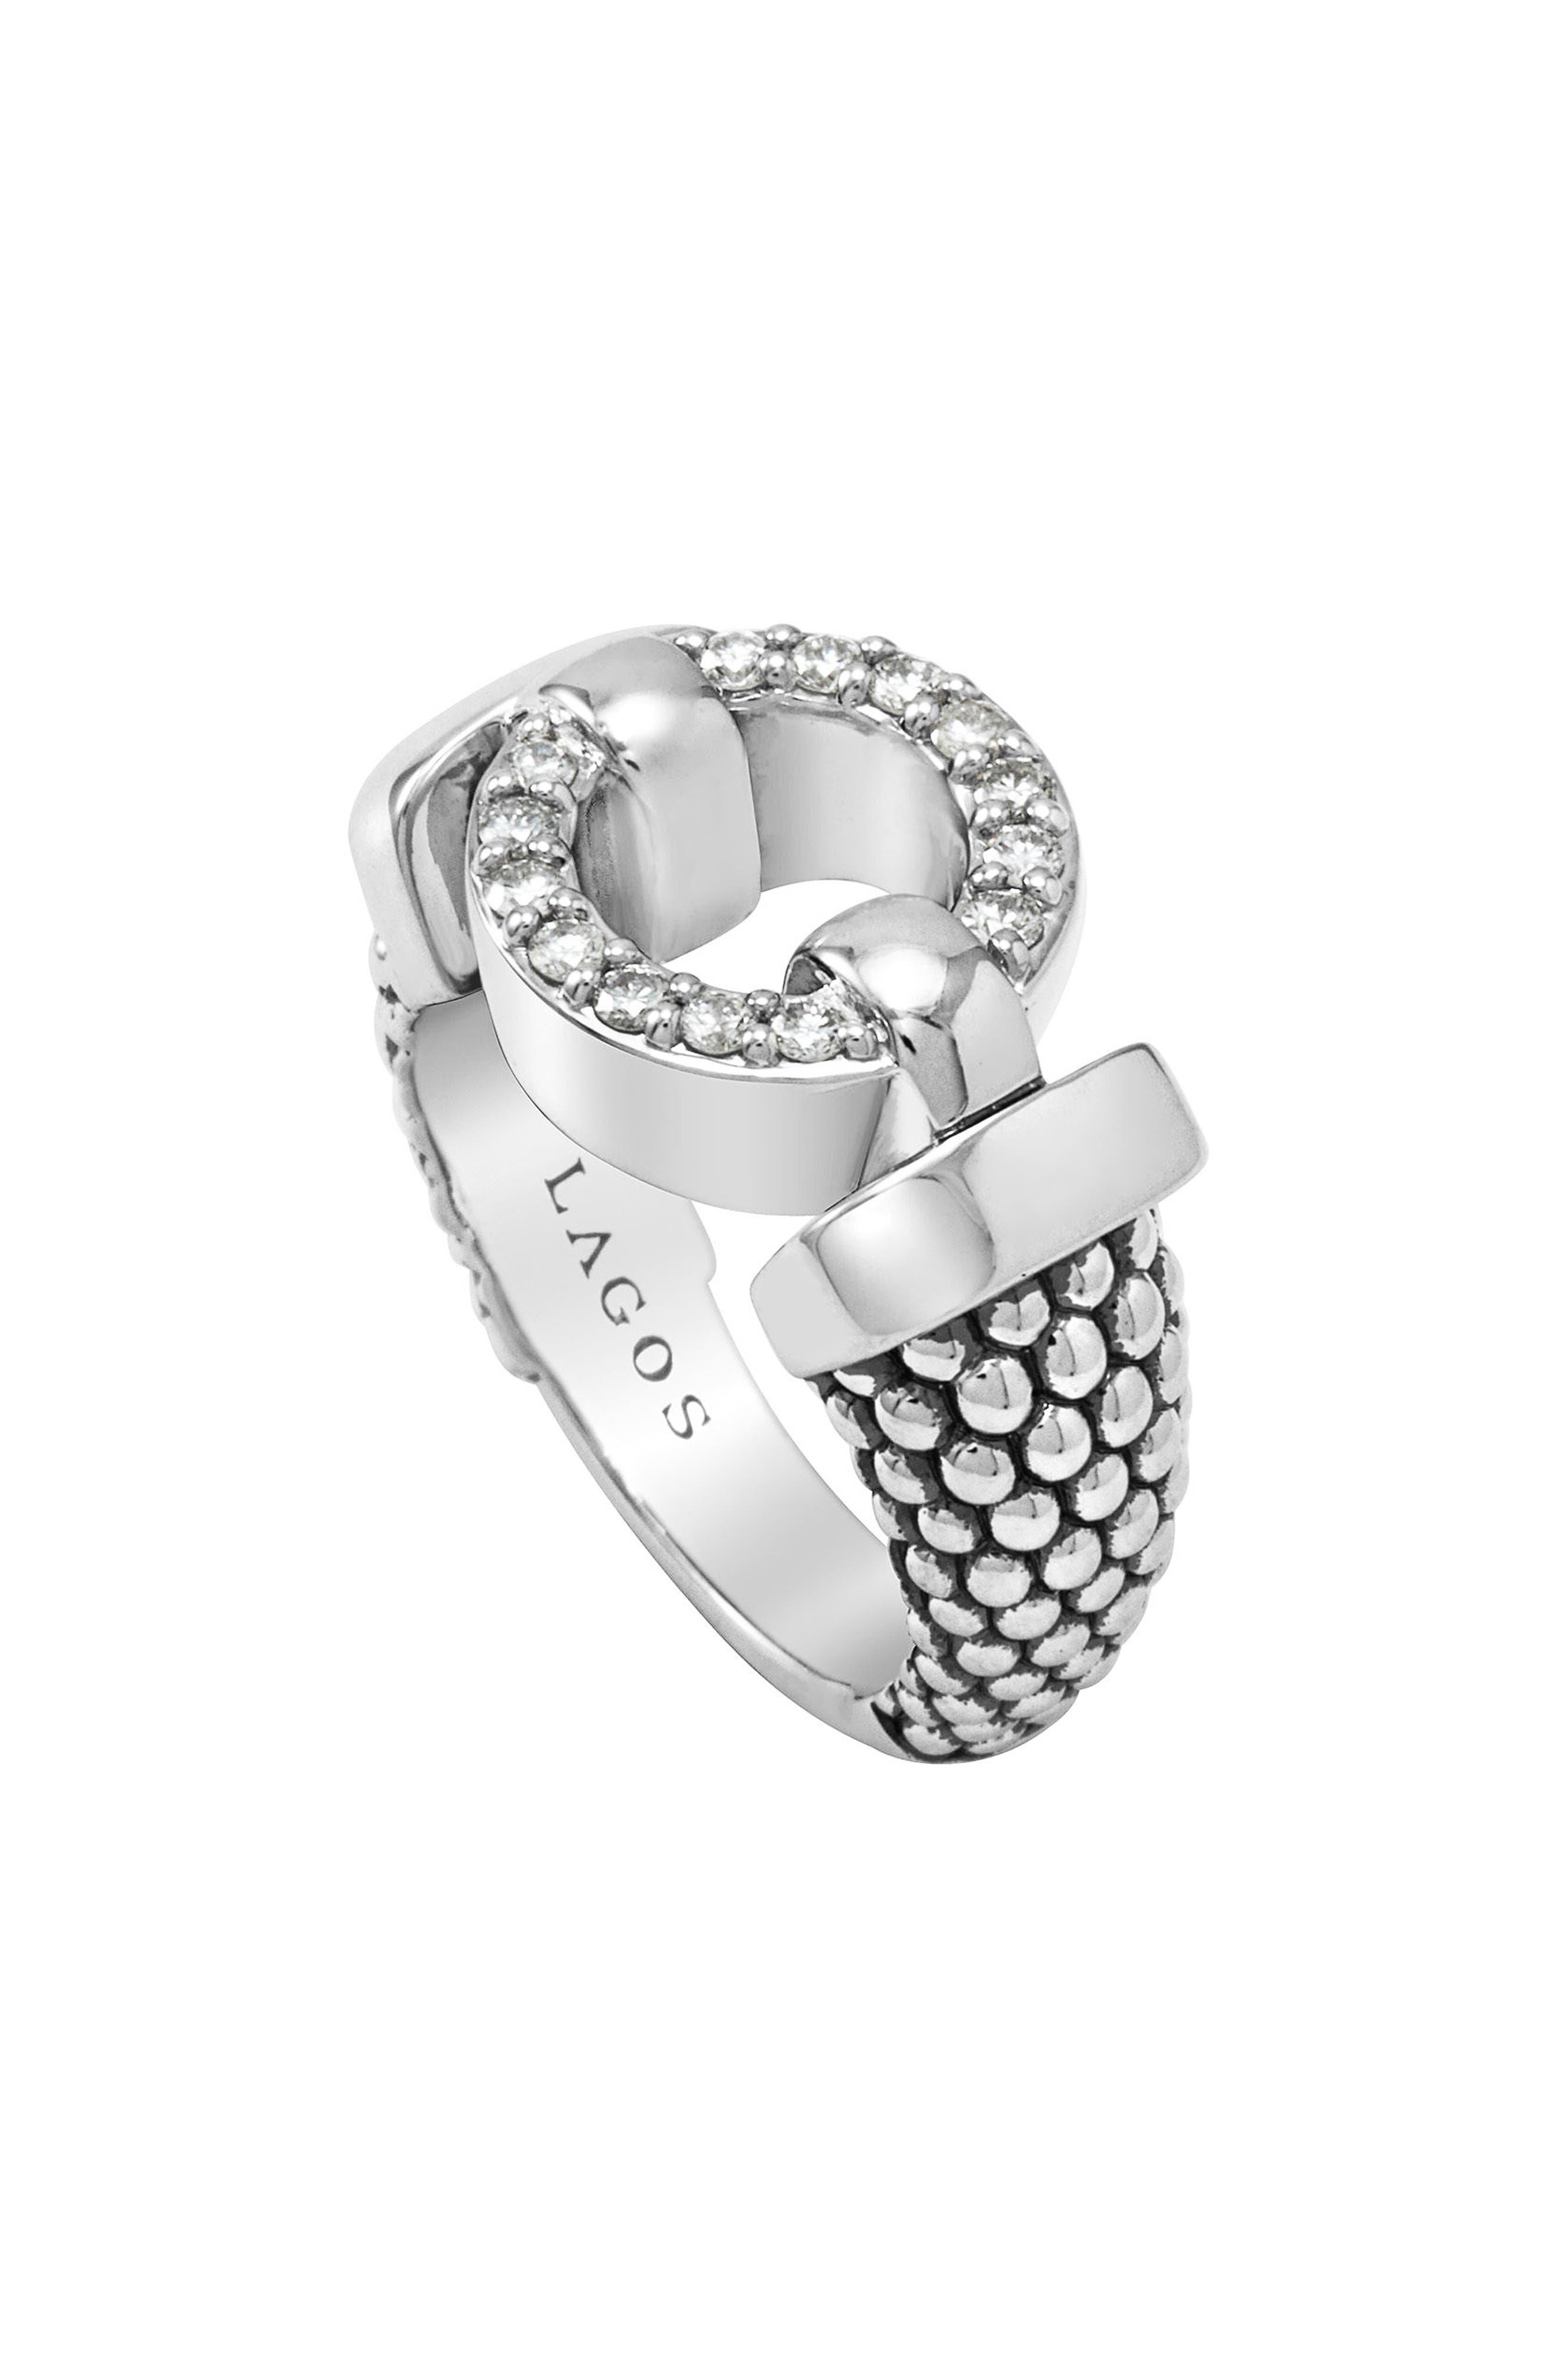 'Enso - Circle Game' Diamond Caviar Ring,                             Main thumbnail 1, color,                             040